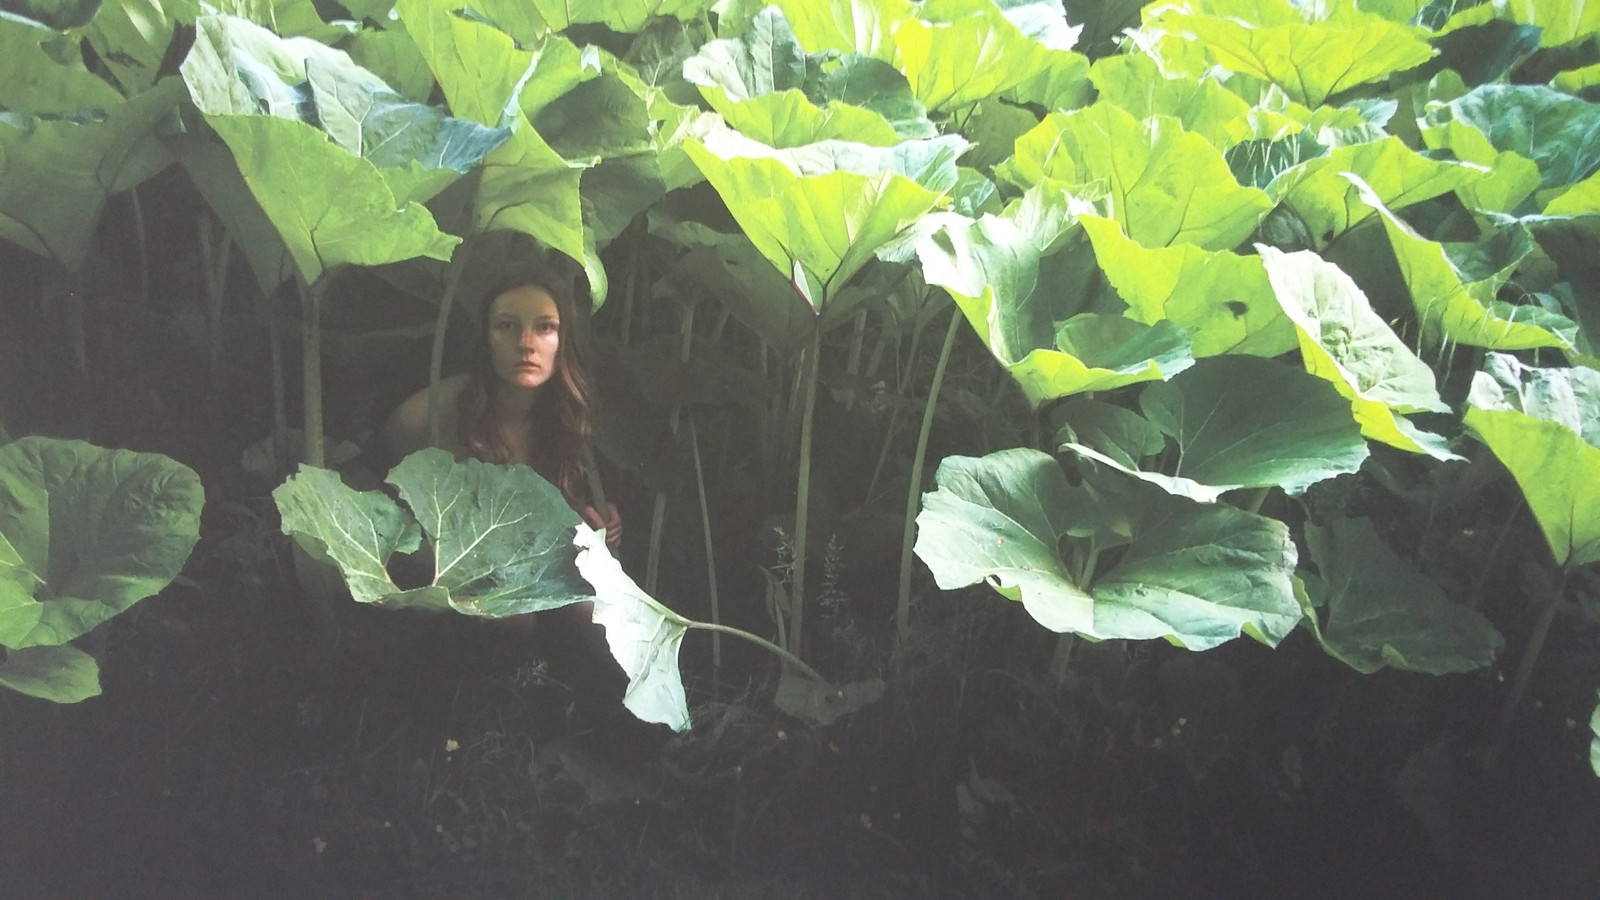 Anne Nobels kiest ervoor bij deze serie zelf op de foto te gaan. ,,Het is zulk persoonlijk werk dat ik vind dat ik wel moet.''